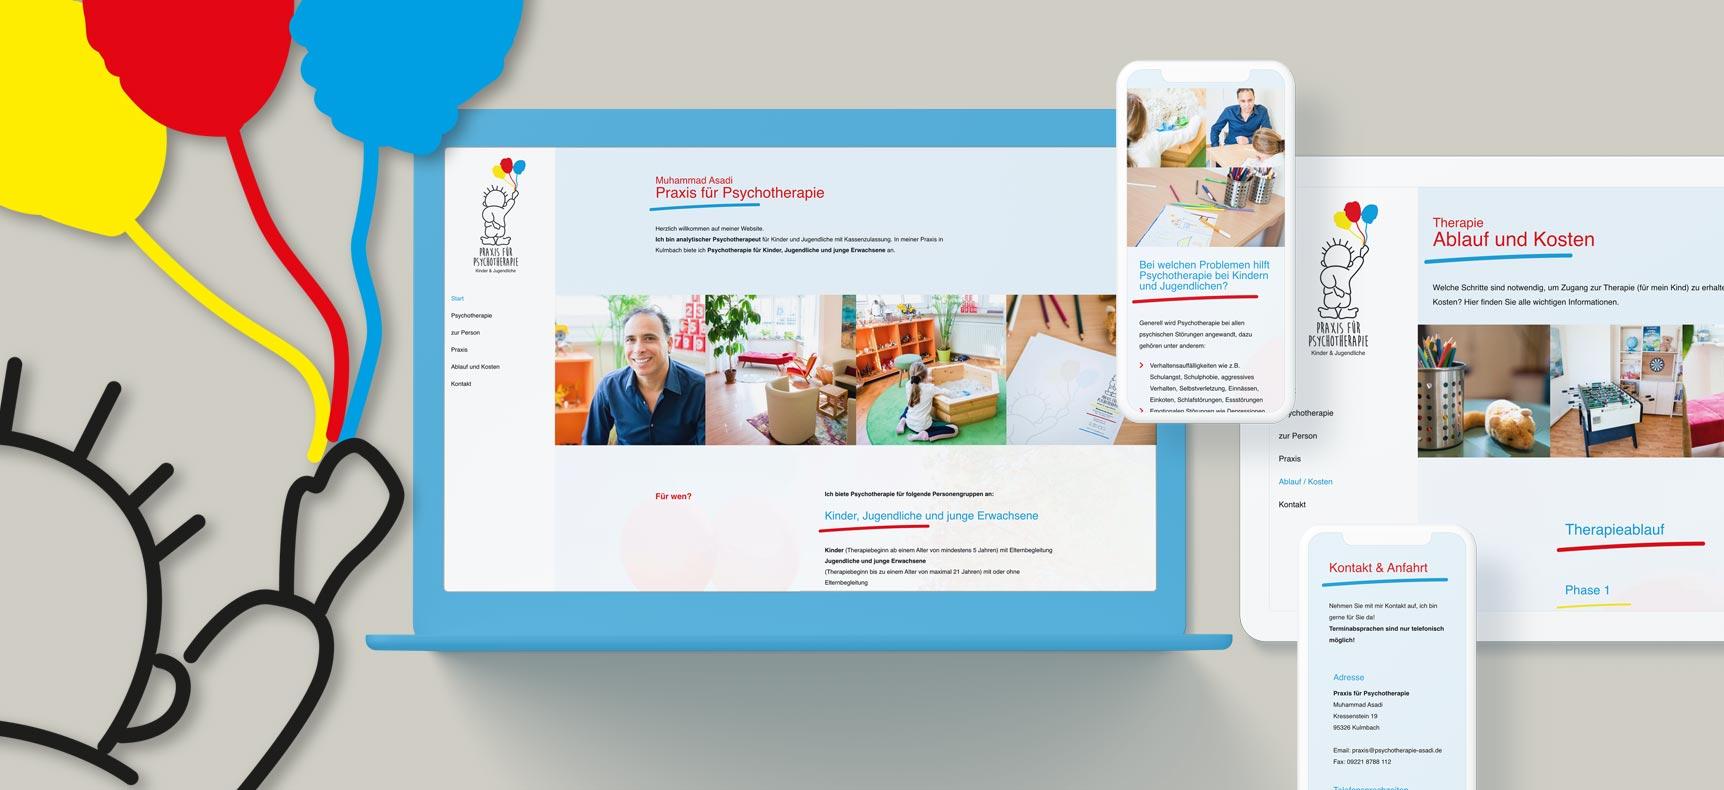 Psychotherapie Praxis Asadi Kulmbach | Website erstellt von StatusZwo.com